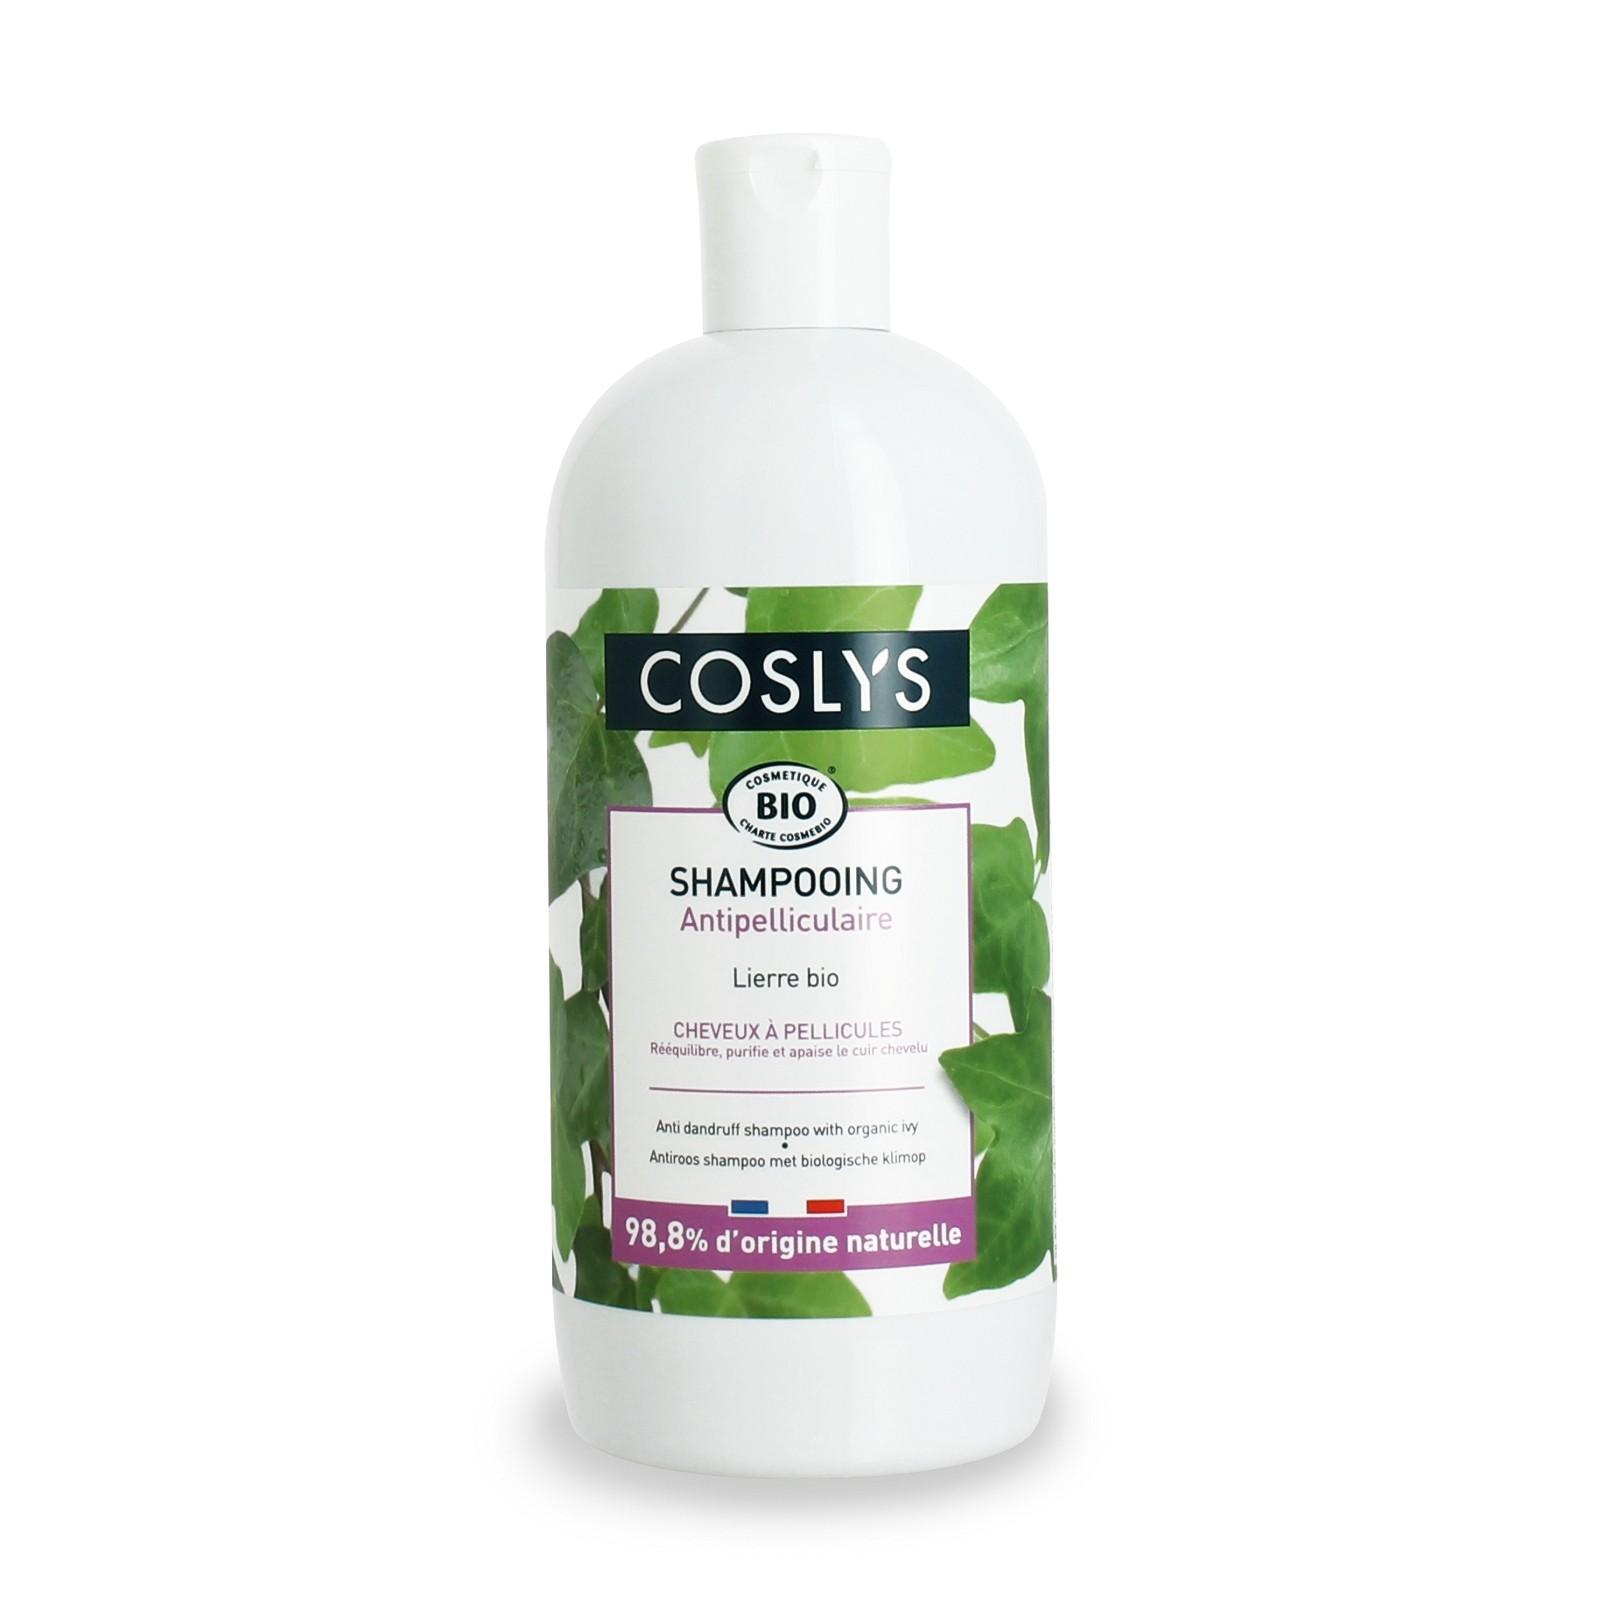 Coslys Shampoing Bio Etats pelliculaires Pur Equilibre 500 ml